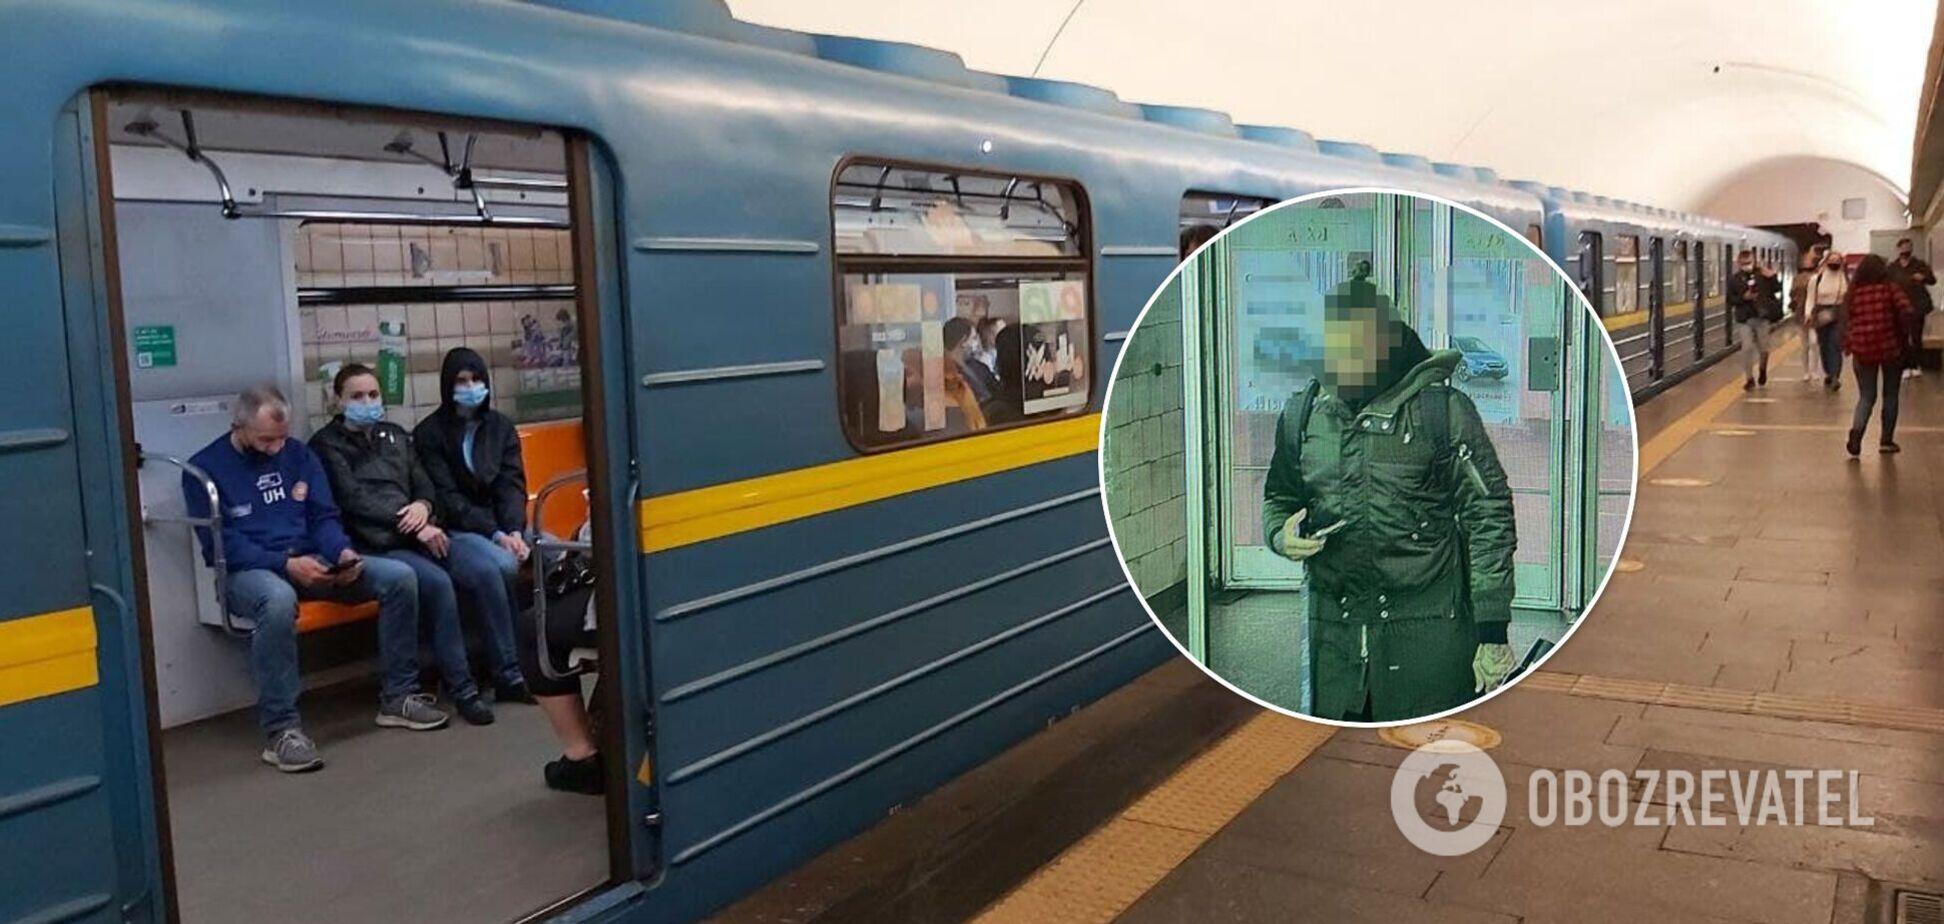 Інцидент стався на Сирецько-Печерській лінії метрополітену